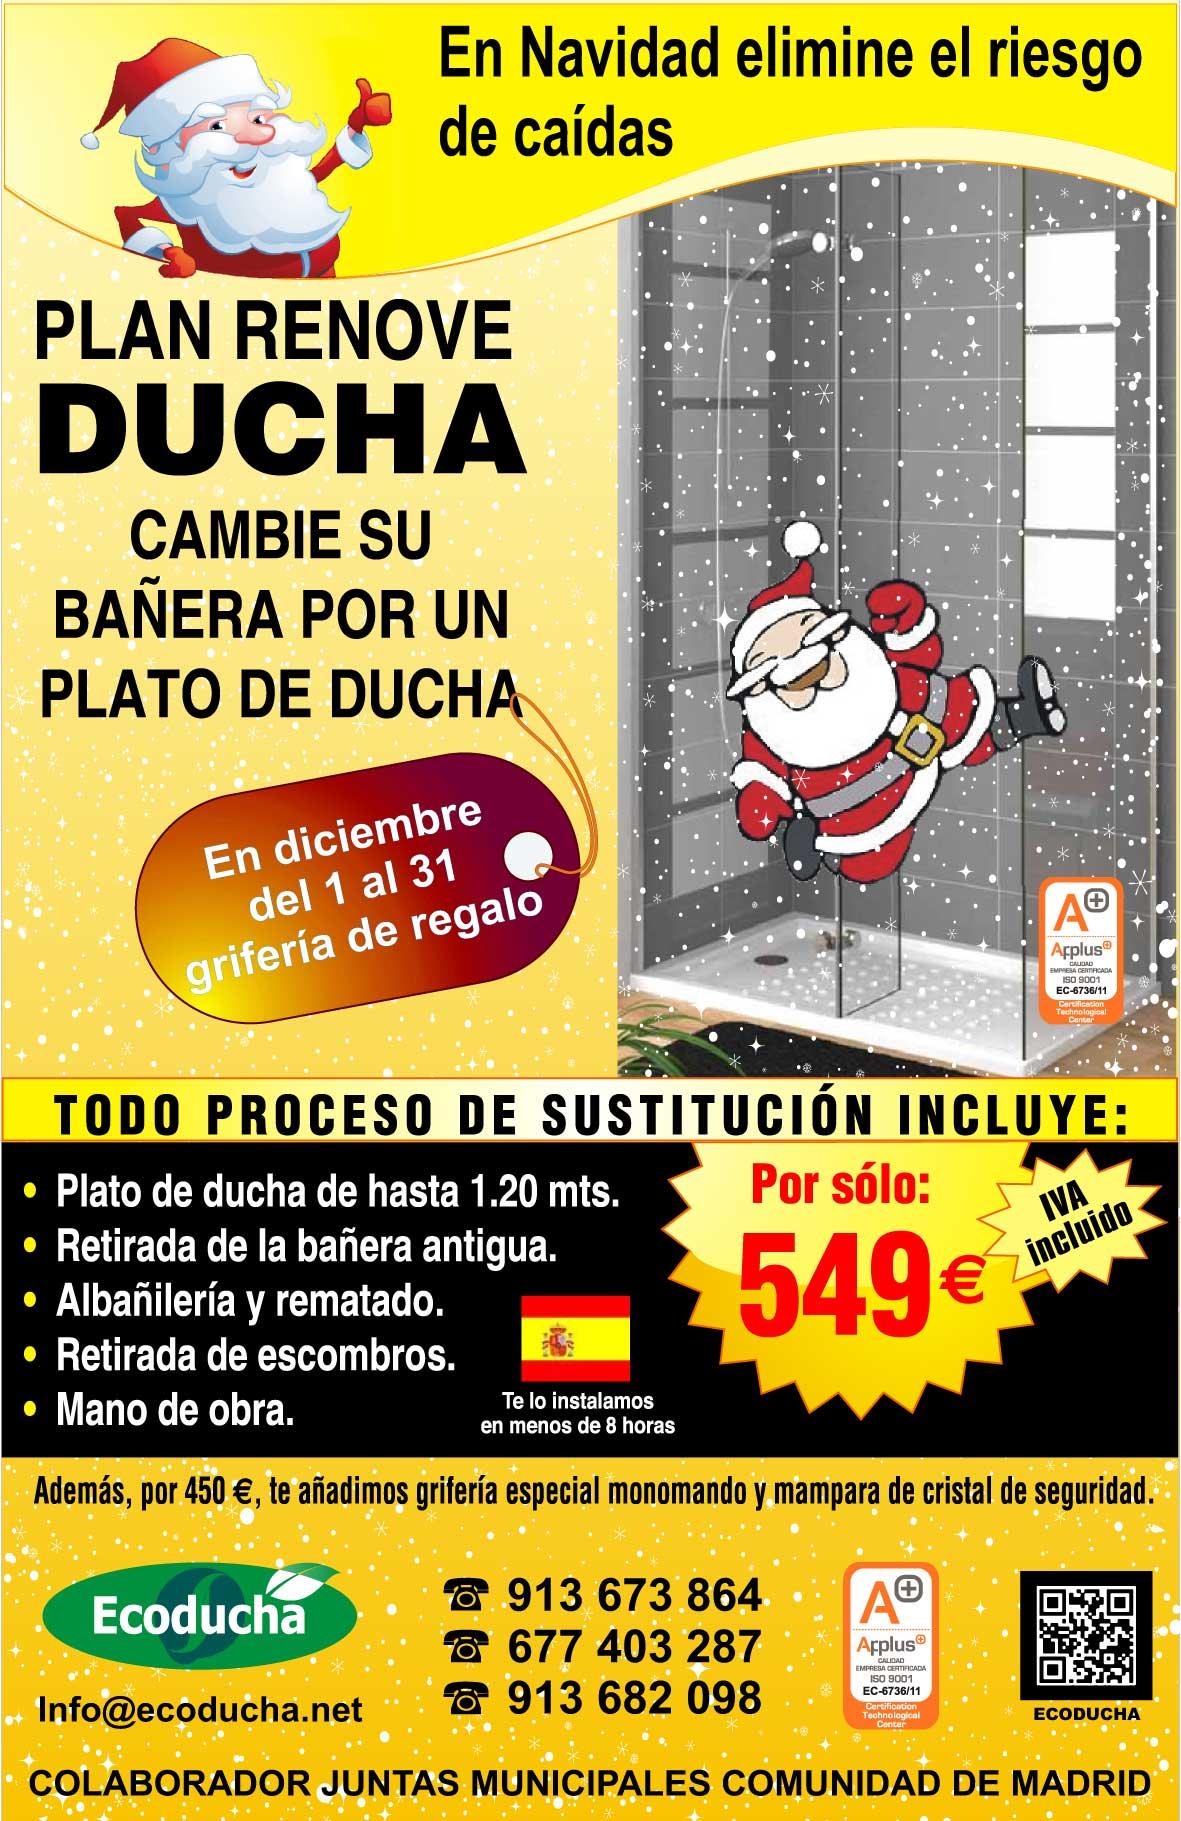 Cambio de ba era por ducha sin obras instalar plato de - Cambio de banera por plato de ducha sin obras ...